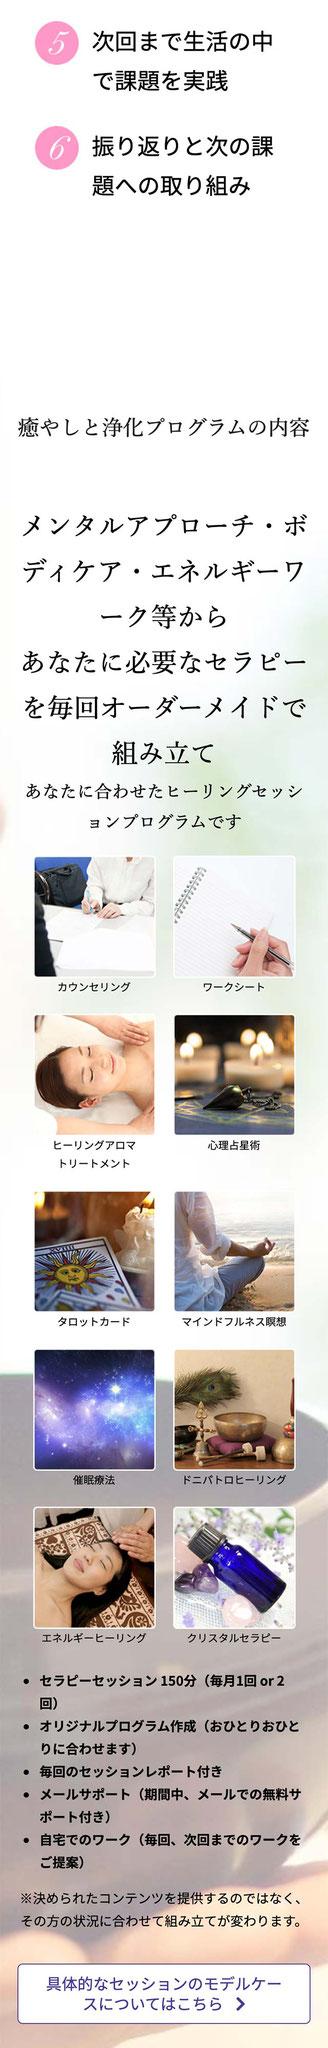 ランディングページのモバイル表示4